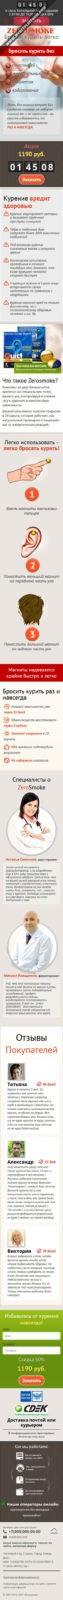 """Скриншот Готового лендинга """"Zerosmoke"""" - лёгкий способ бросить курить 001 - моб"""